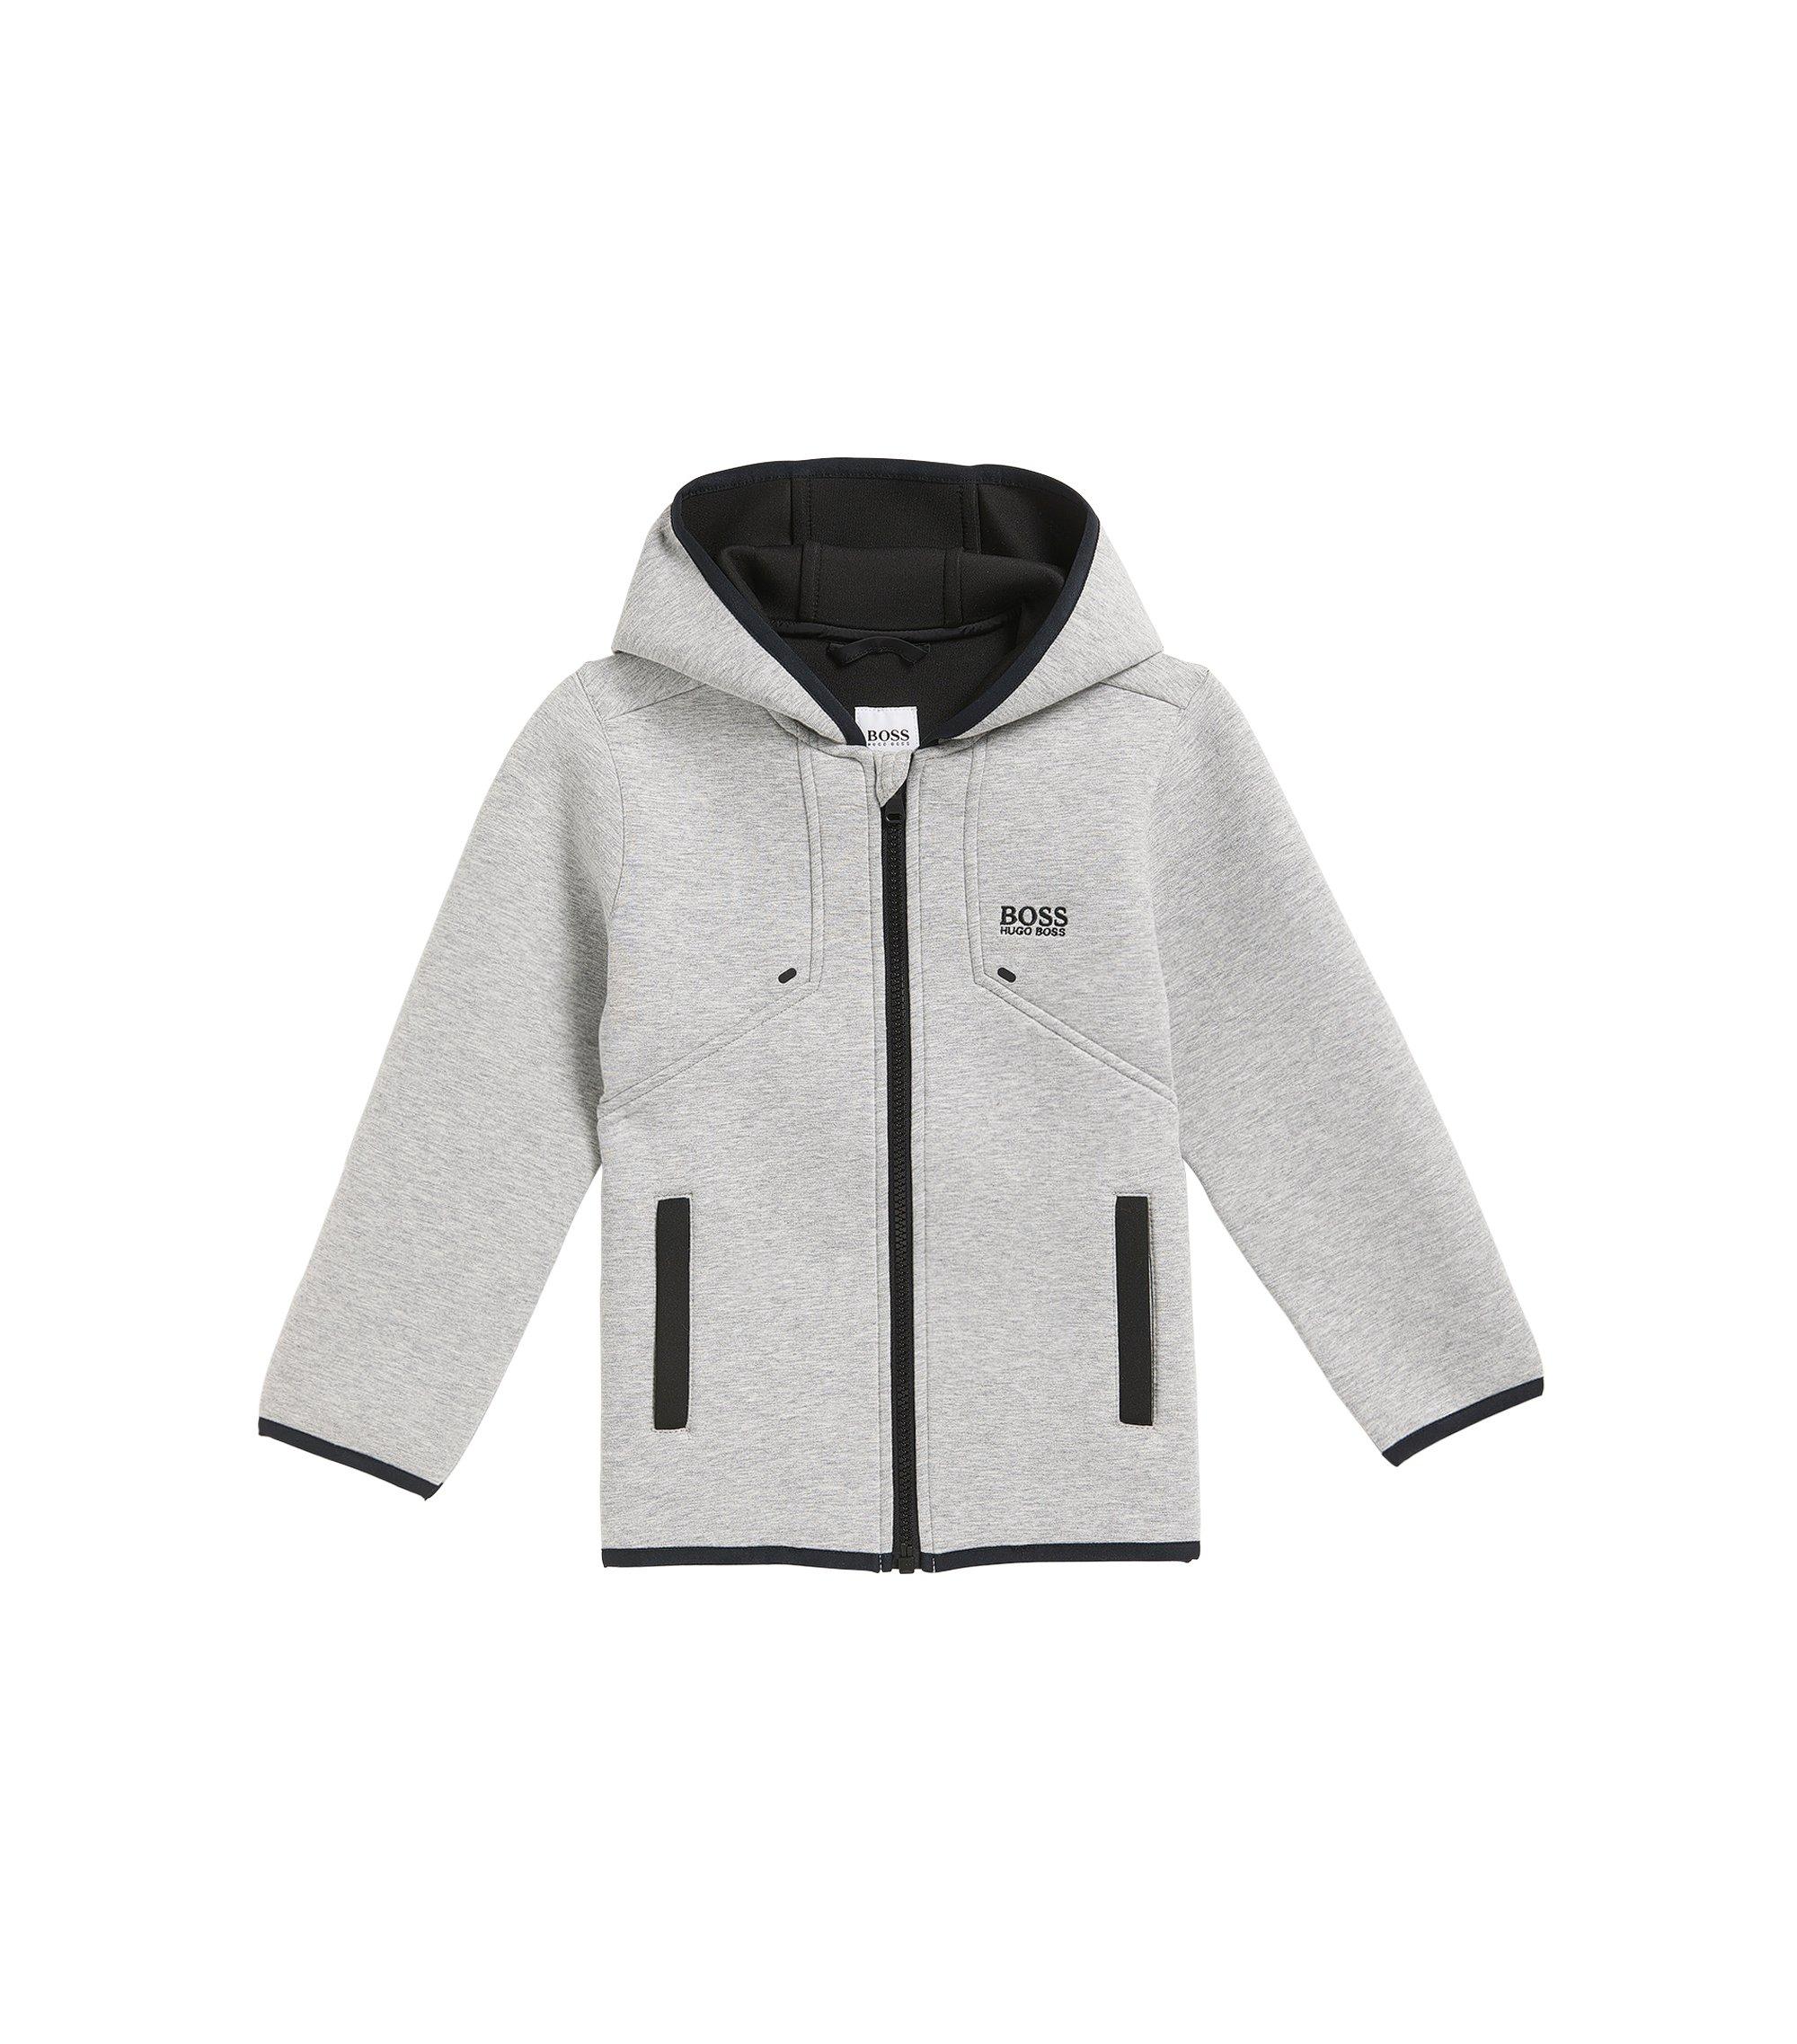 Manteau Regular Fit pour enfant en tissu stretch thermocollé, Gris chiné